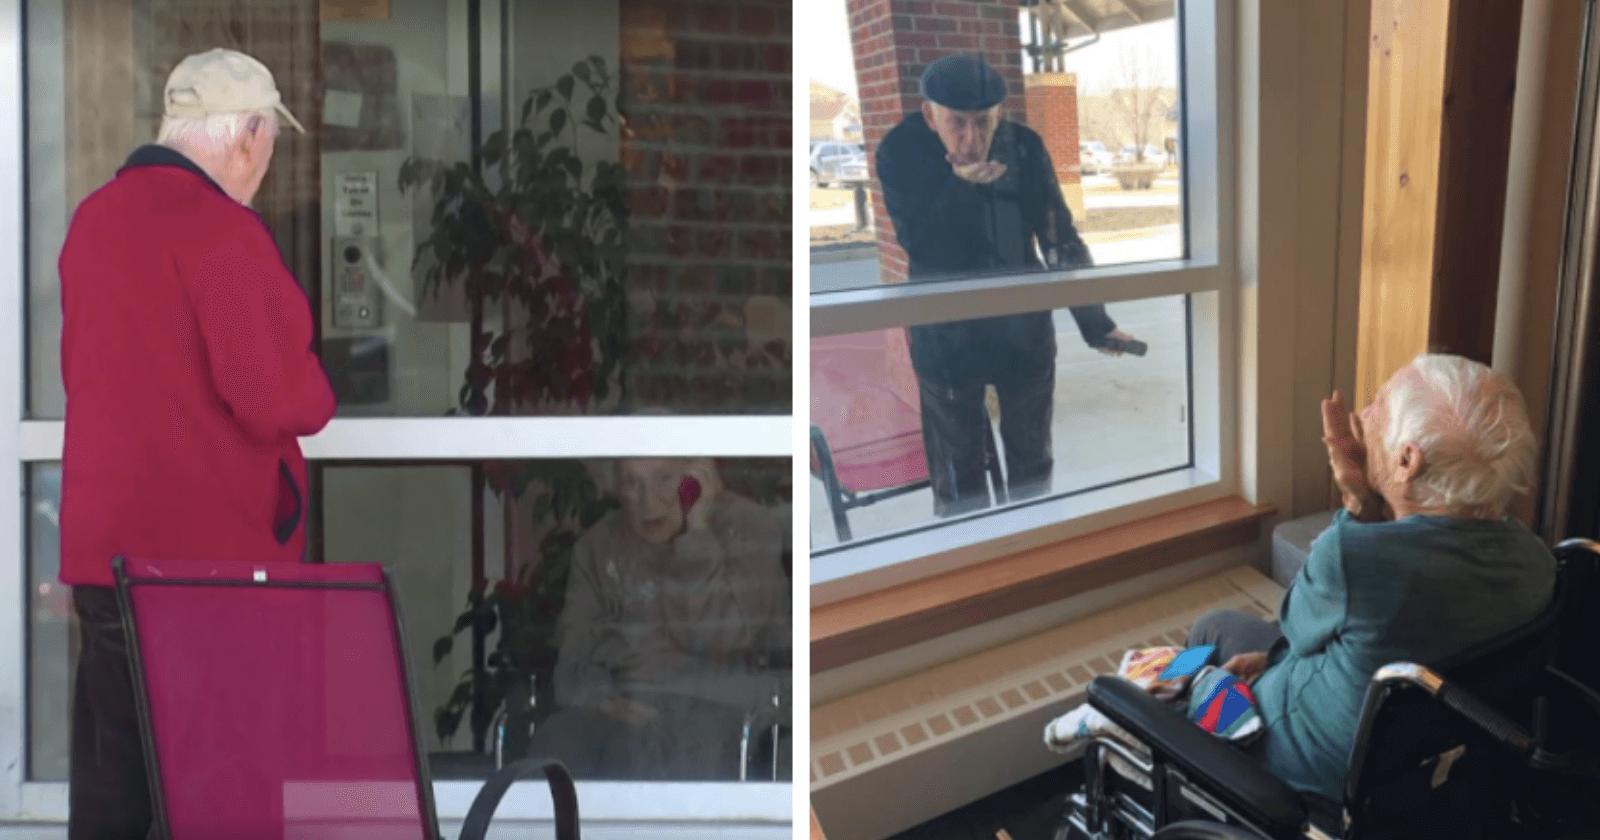 Casados há 70 anos, idoso visita esposa por janela de hospital e diz: 'são estamos separados'